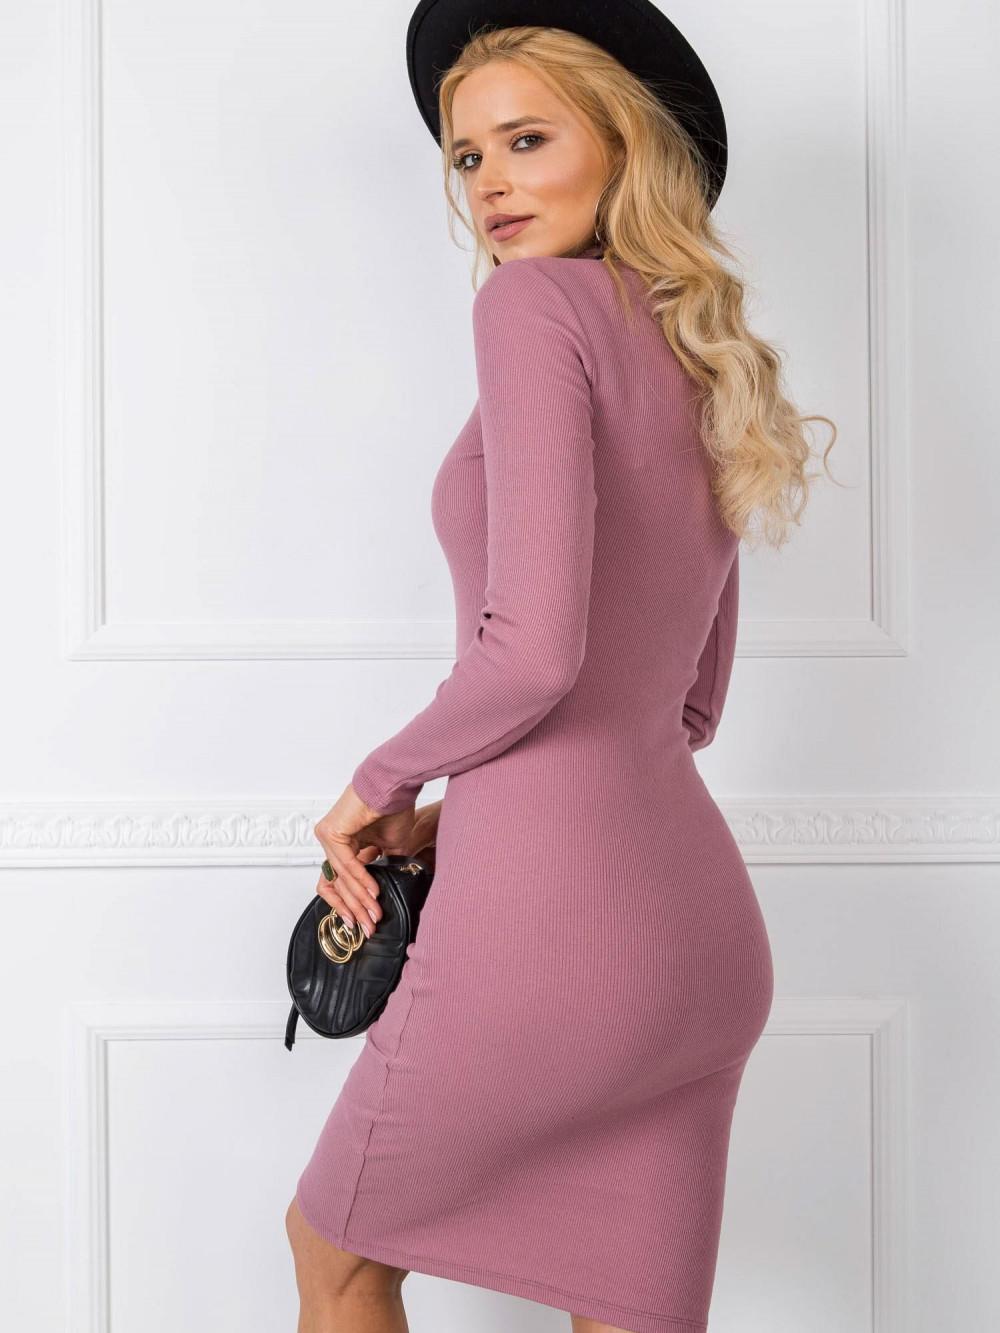 Brudnoróżowa dopasowana sukienka z golfem Amboise 2